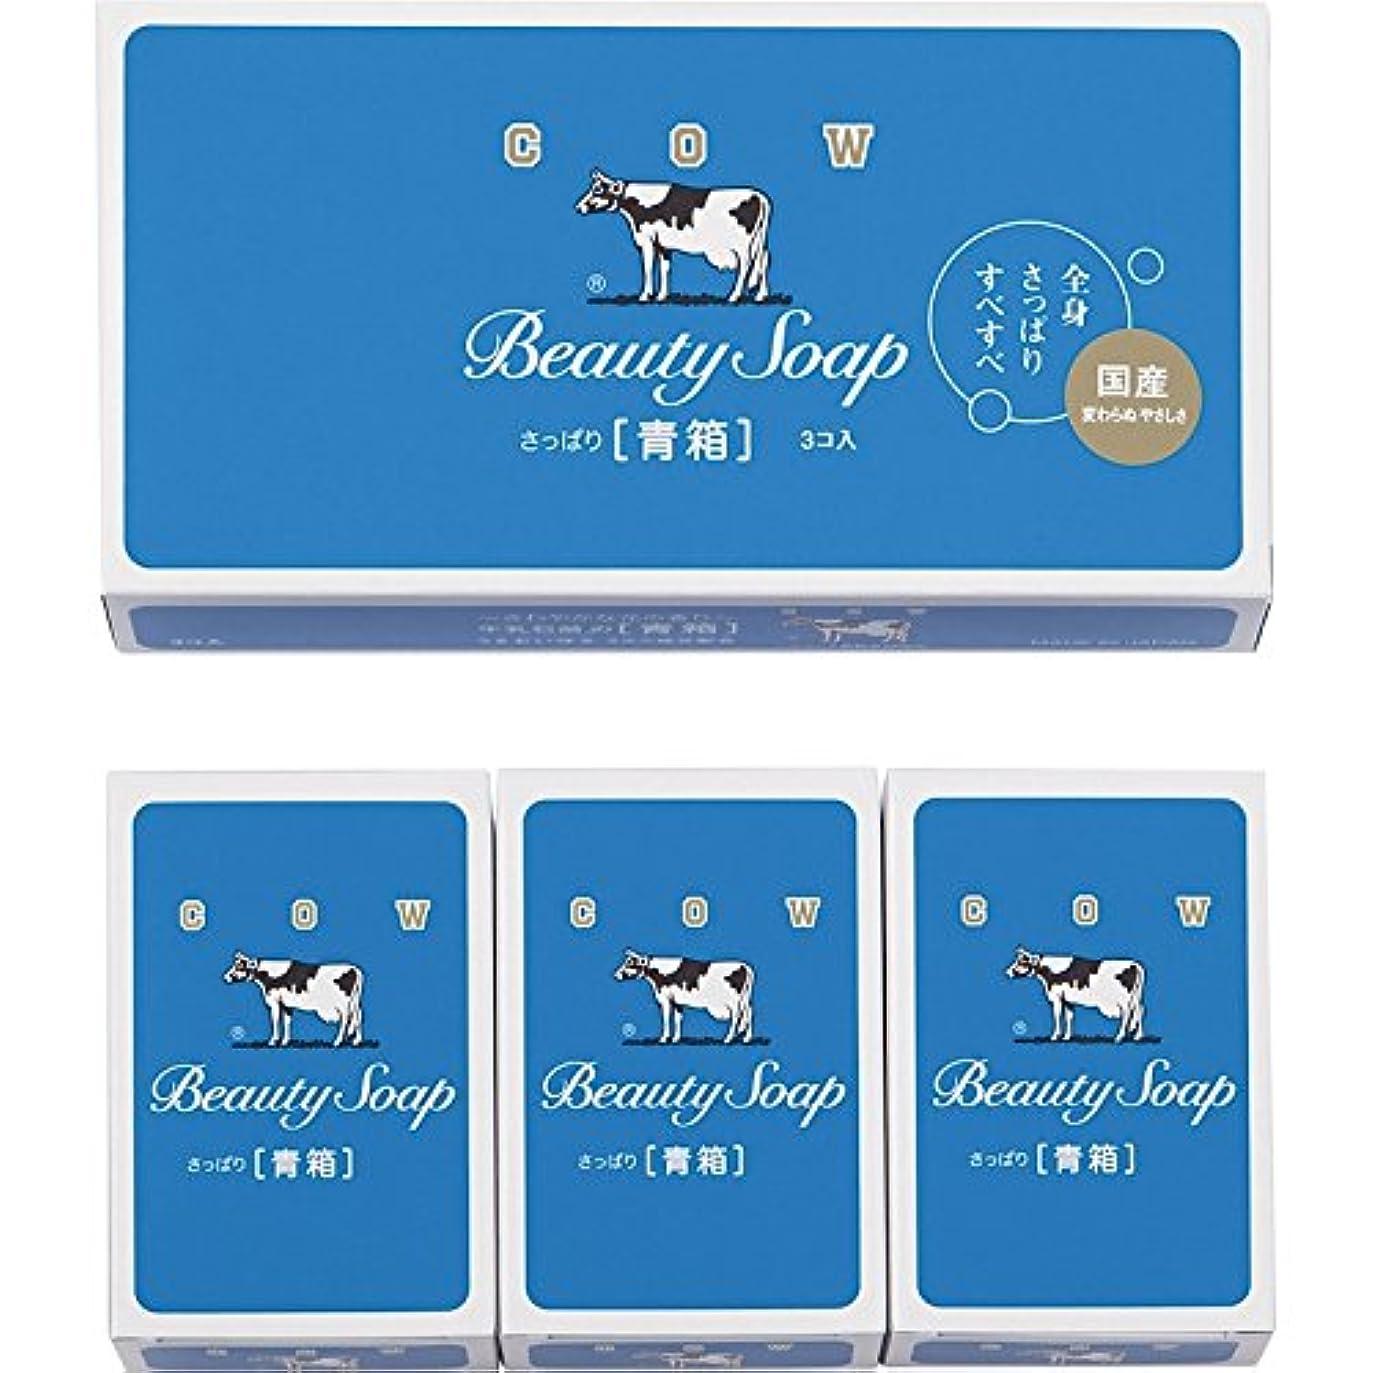 暴力的な感じる素晴らしき牛乳石鹸 青箱3コ入 【国産 日本製 せっけん ぎゅうにゅうせっけん カウブランド かうぶらんど かまだきせんざい じゃすみん はなのかおい 手洗い 】